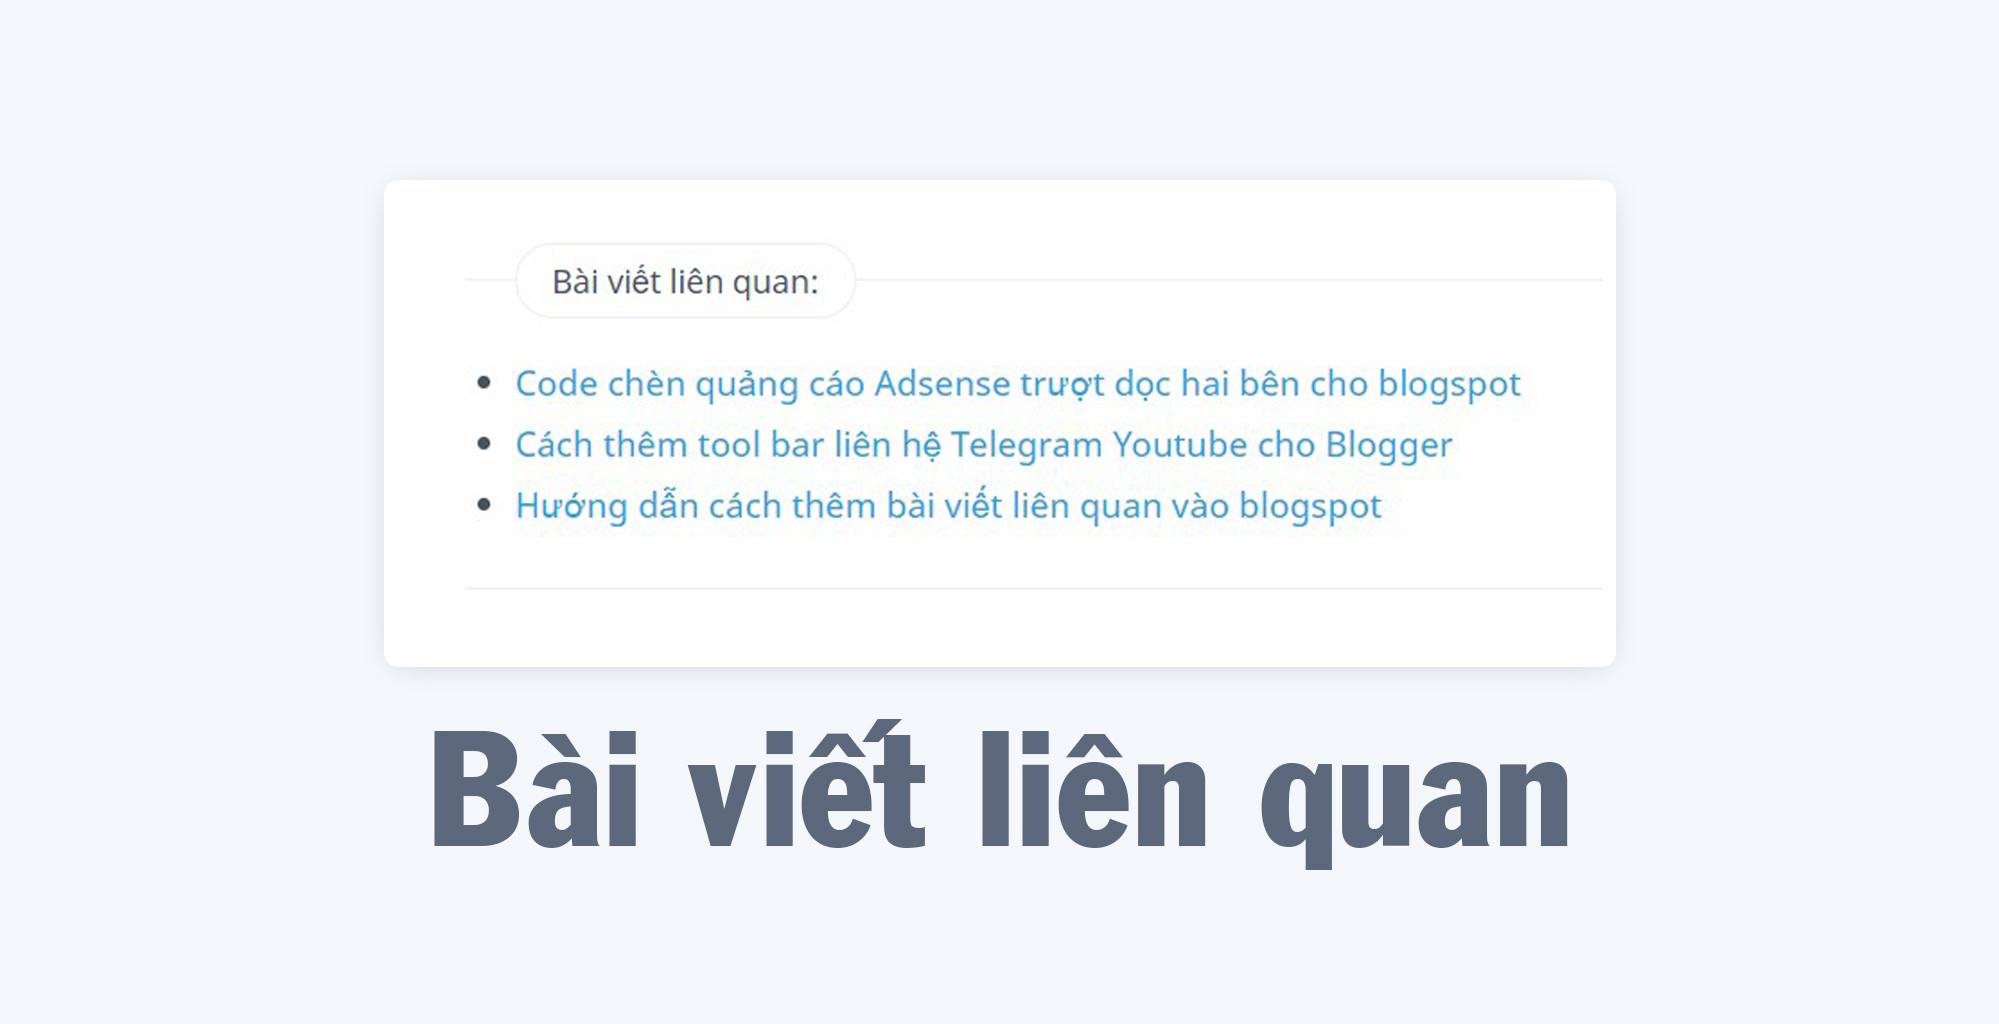 Code thêm bài viết liên quan vào blogspot